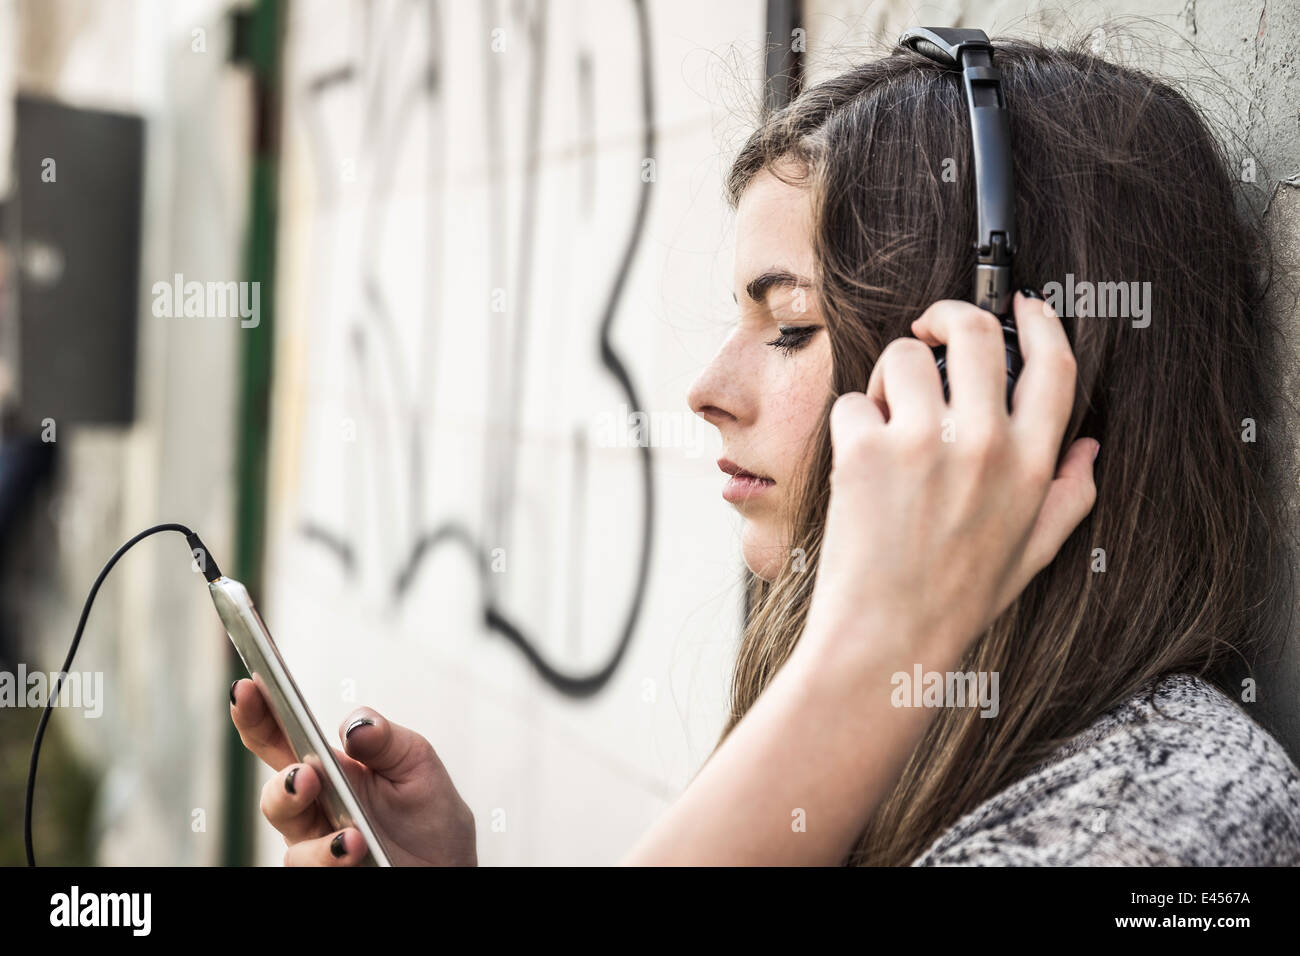 Chica escuchando música en el smartphone Imagen De Stock